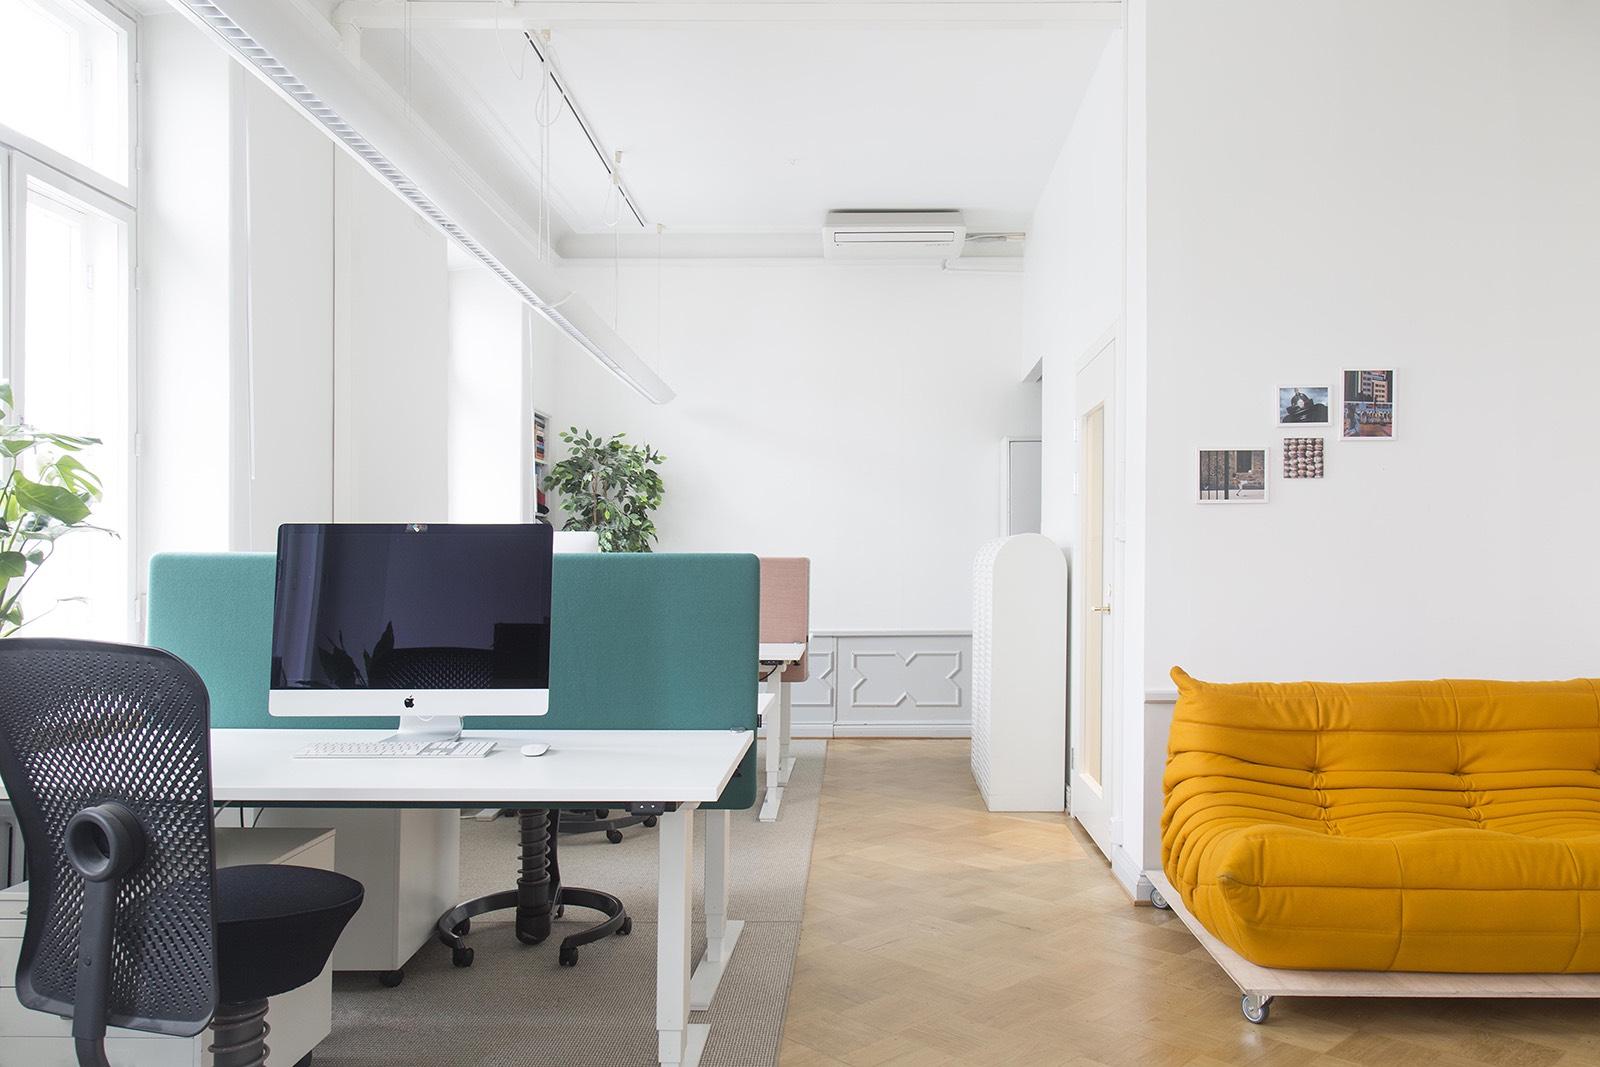 bbo-helsinki-office-1